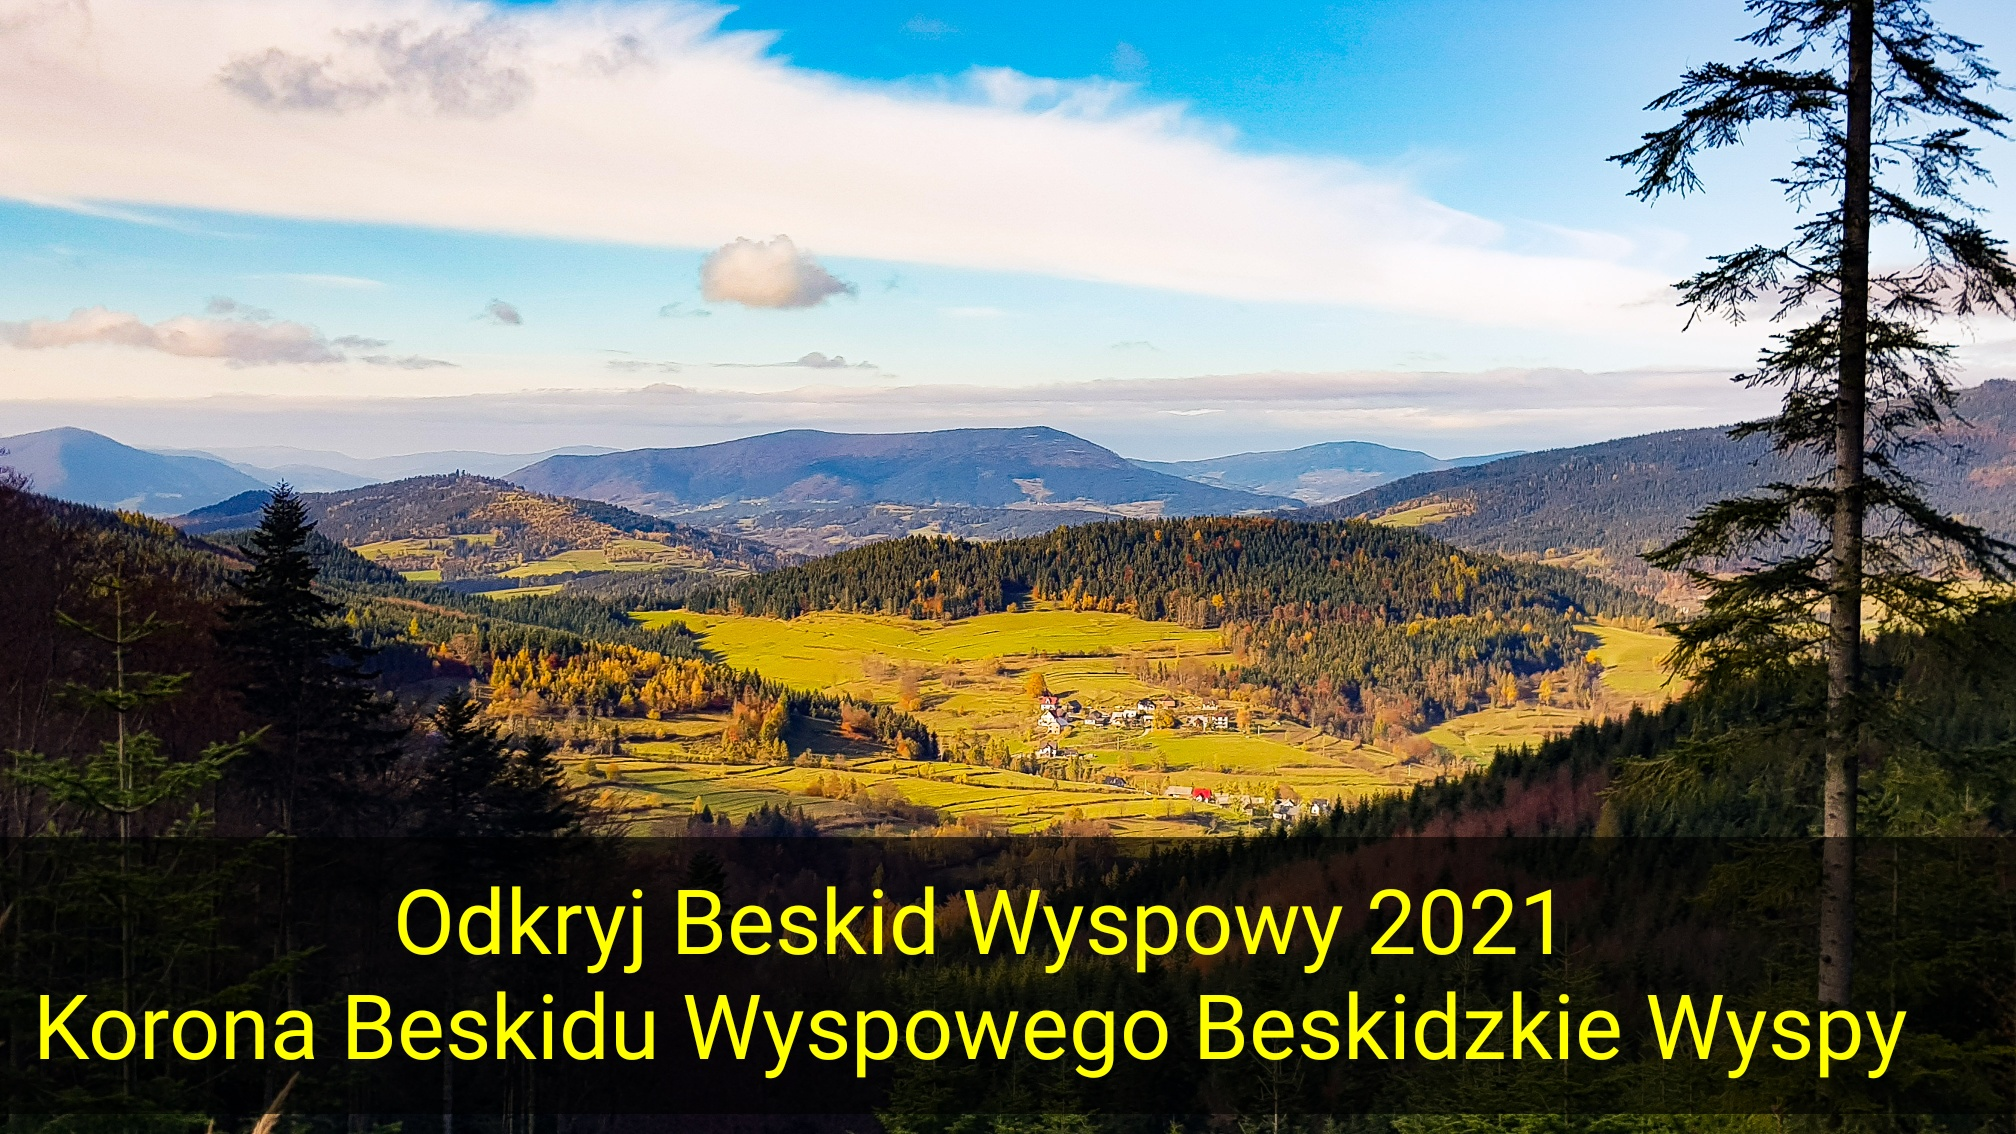 """""""Odkryj Beskid Wyspowy 2021"""" indywidualnie - zdjęcie główne"""